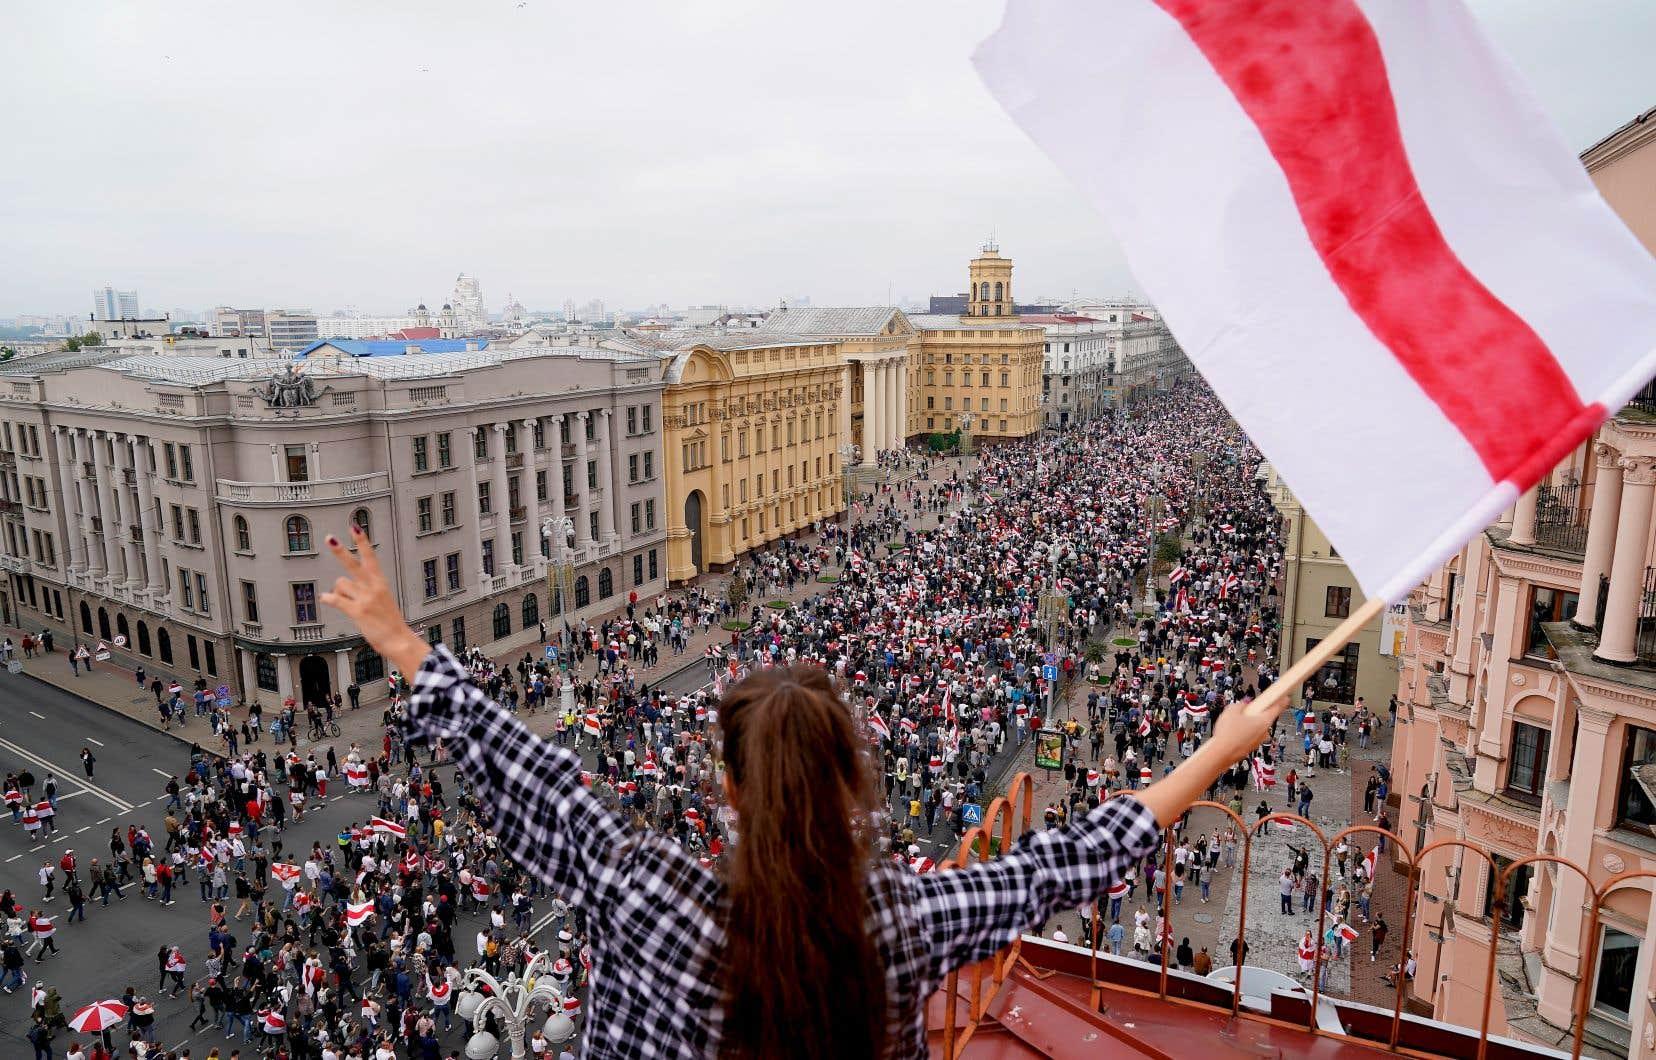 Une foule immense agitant des drapeaux blanc et rouge, symbole de l'opposition, s'est amassée dimanche à Minsk.